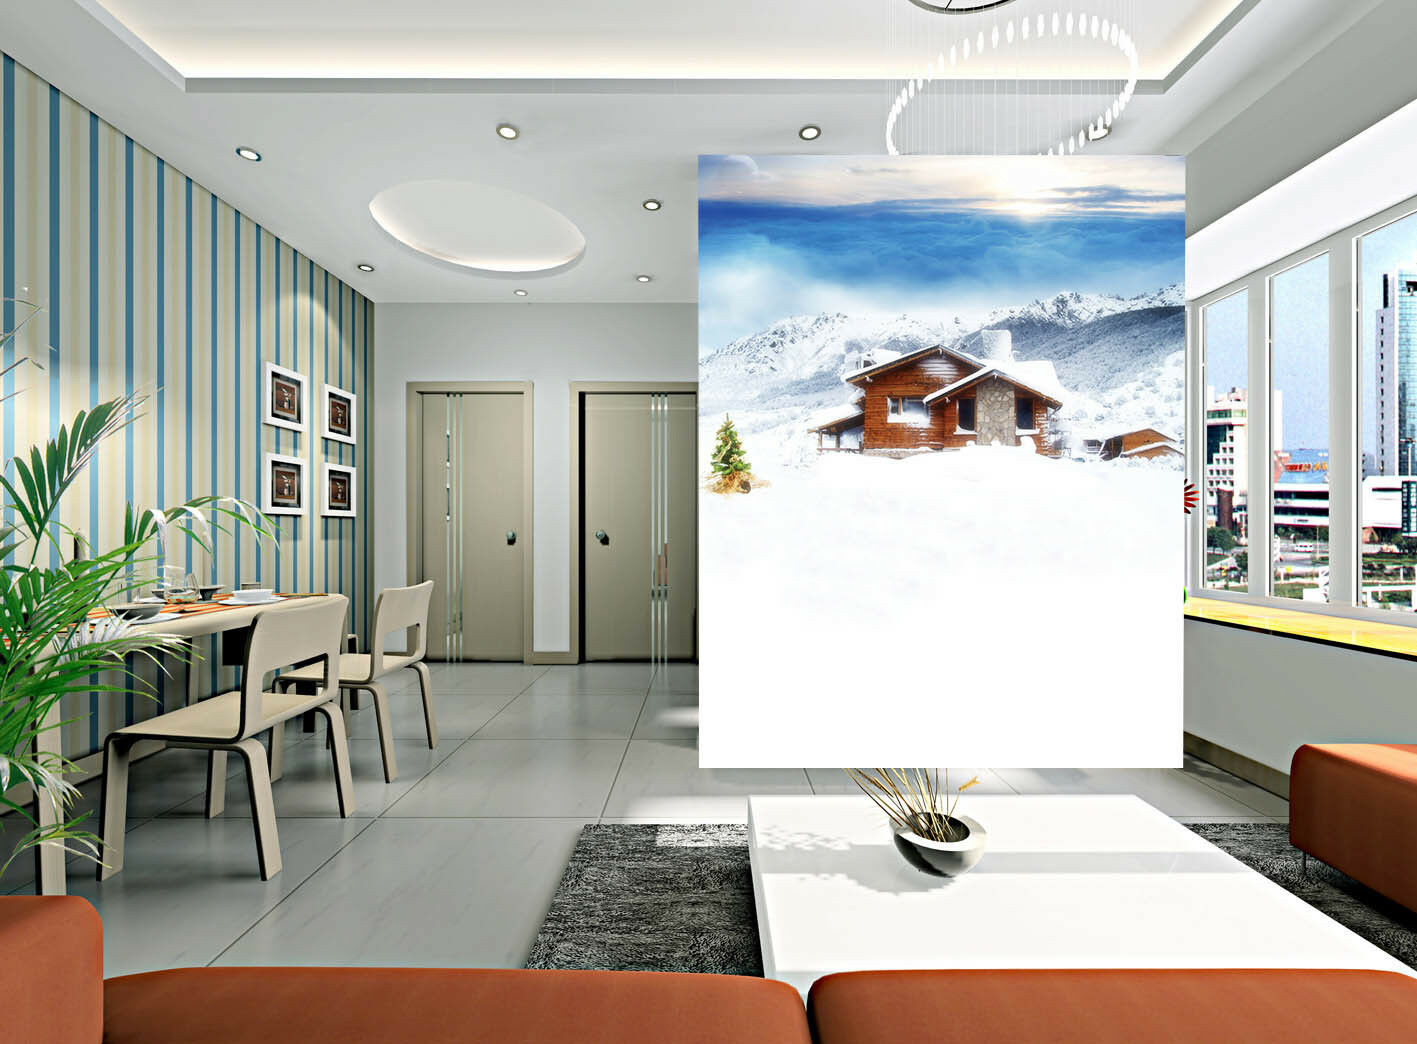 Papel Pintado Mural De Vellón Casa  Escena De Nieve 21 Paisaje Fondo De Pantalla